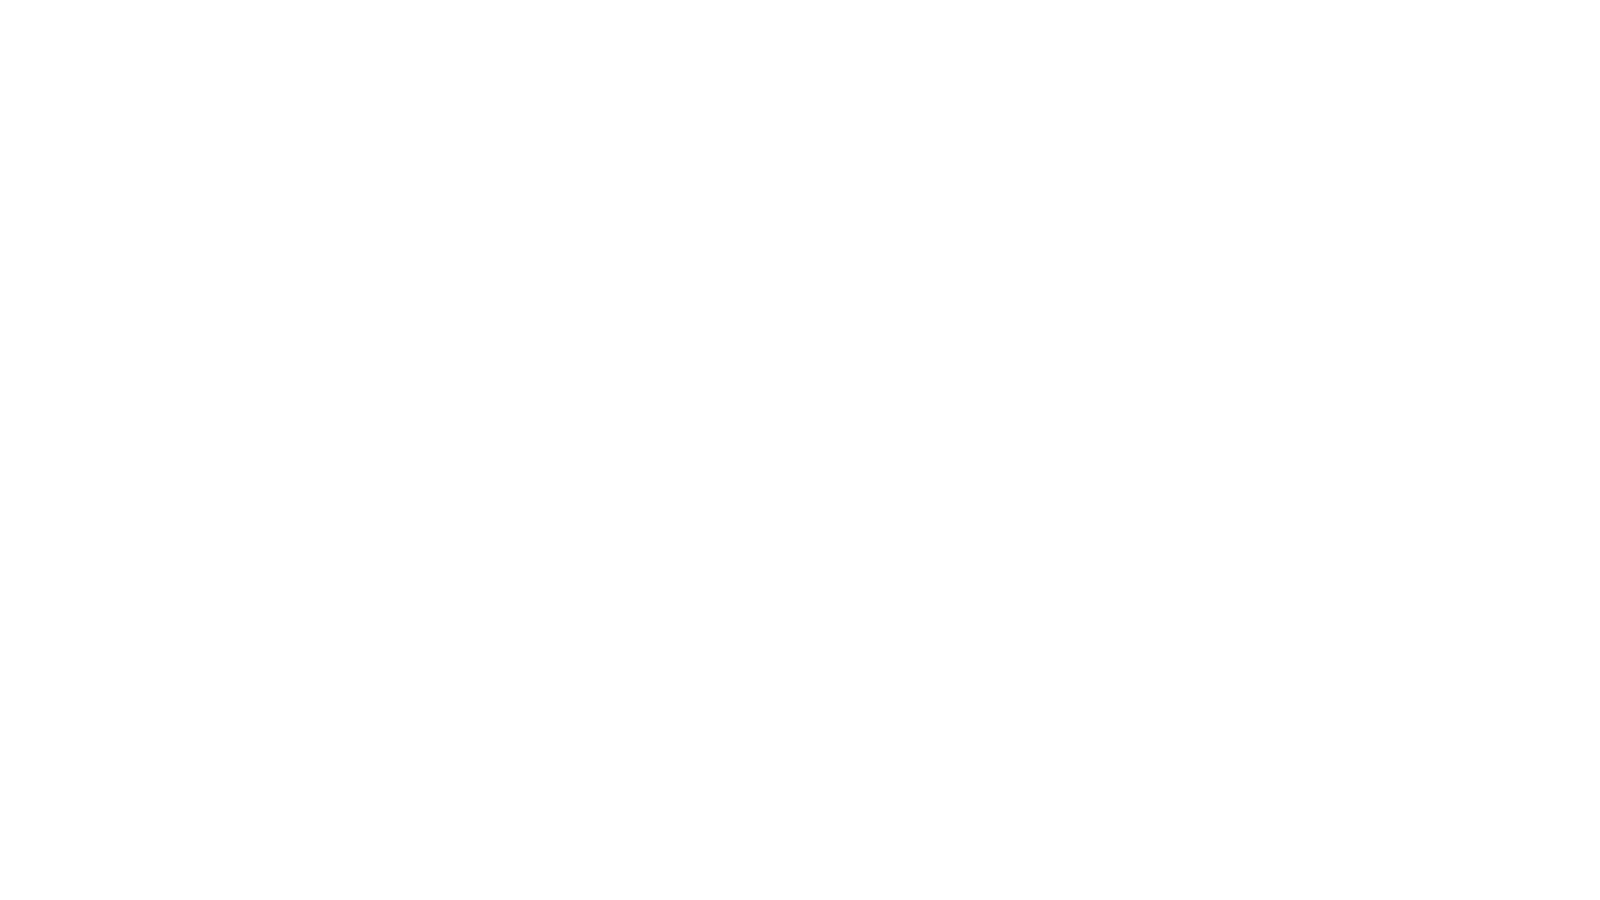 Un récit de Alice Chaput-De Angelis  et Laurent Déry-Lauzier Montage audiovisuel de Thomas Paquet L'essai suivant accompagne cette création audiovisuel https://24hdeconnecte.uqam.ca/3d-flip-book/chaput-de-angelis-alice-hymne-aux-mesures-sanitaires/ Visitez https://24hdeconnecte.uqam.ca/ pour découvrir l'ensemble des récits de déconnexion.  _____________ À l'automne 2020, en pleine pandémie, nous – plus de 100 personnes étudiant à la Faculté de communication de l'UQAM (Université du Québec à Montréal) – nous sommes déconnecté·e·s de tous les médias électroniques et sociaux pendant 24 heures d'affilée. Ici sur Youtube et sur sur https://24hdeconnecte.uqam.ca, nous racontons nos expériences sous forme de balados, essais ou vidéos qui font rire et surtout réfléchir.  Ce projet fut possible grâce au soutien de la Faculté de communication de l'UQAM ainsi que toutes les personnes impliquées dans ce projet.  L'équipe de Bandsalat 100 média Coordination générale Alba Taylor-Cape, Julien Normandeau, Jérémie Brassard (avec soutien de Katharina Niemeyer et de Ludovik Roy) Stratégies de production Juliette Turcotte Coordination montage Alexandra Venne et Nathaniel Philippe-Maisonneuve Montage Mari-Lou Béland, Maxwell Soar, Rosalie Guay, Samuel Boucher, Thomas Paquet, Ge Sali Yang Coordinatrice révision linguistique Noémy Deragon Correctrices Ge Sali Yang, Marie-Pier Bourdeau, Majda Salah, Rebecca Thuotte, Violette Milot  Générique (début) réalisé par Marlène Dorgny  Générique (fin) réalisé par Alexandra Venne, inspiré du générique réalisé par Marlène Dorgny pour le cours ''Bandsalat'' : Introduction aux théories de la communication médiatique Musique originale Space Dogs Orchestra